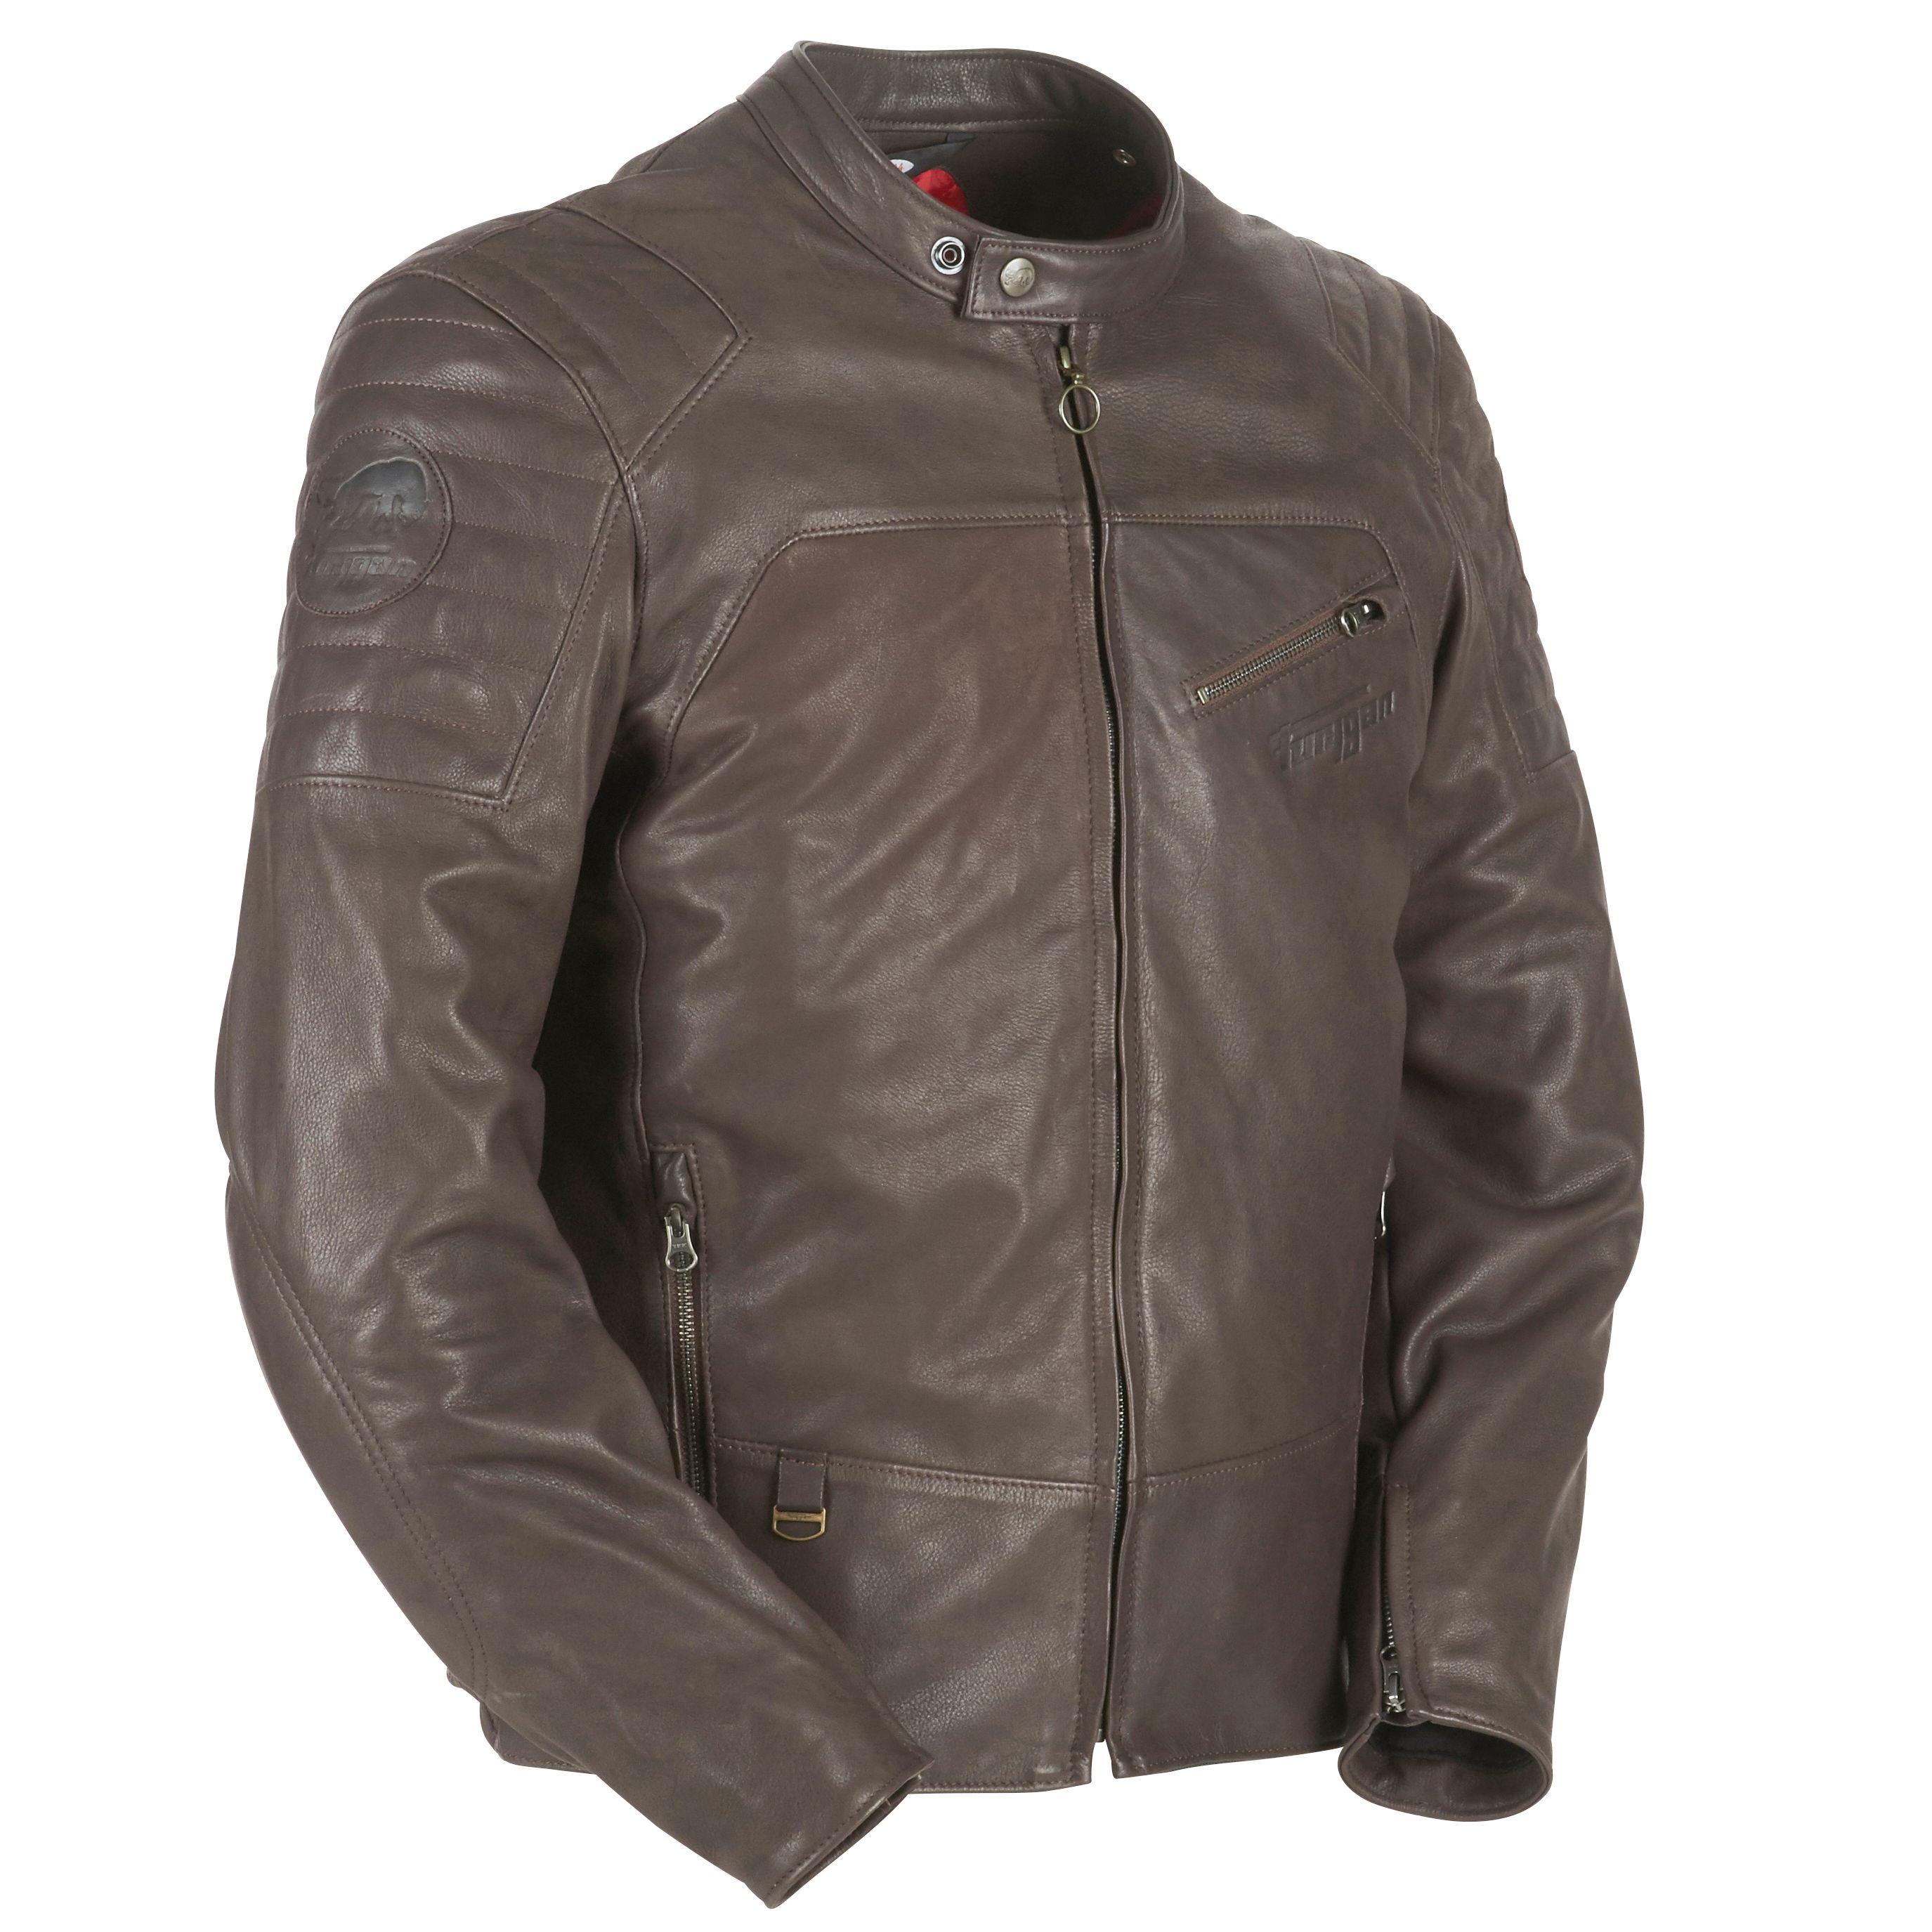 Cazadoras Furygan BRODY - Cazadoras y chaquetas moto - Motoblouz.es af8a12fa5d69